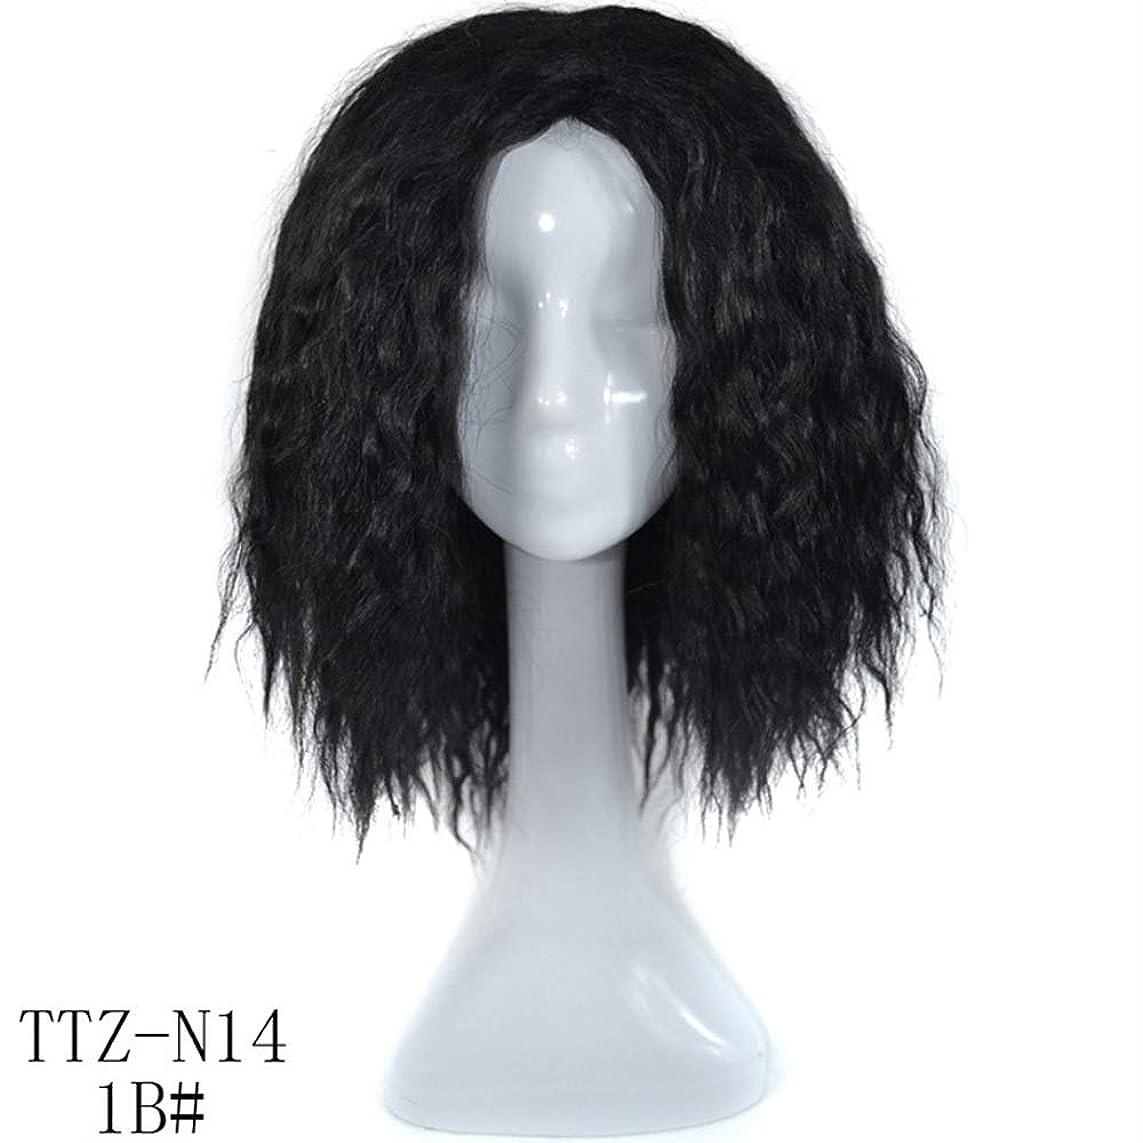 弾力性のあるパンチ土Yrattary ブラジルディープカーリーウェーブ人間の髪の毛の前頭かつら女性ナチュラルカラー20インチ複合毛レースのかつらロールプレイングかつらロングとショートの女性自然 (色 : 黒, サイズ : 20 inch)